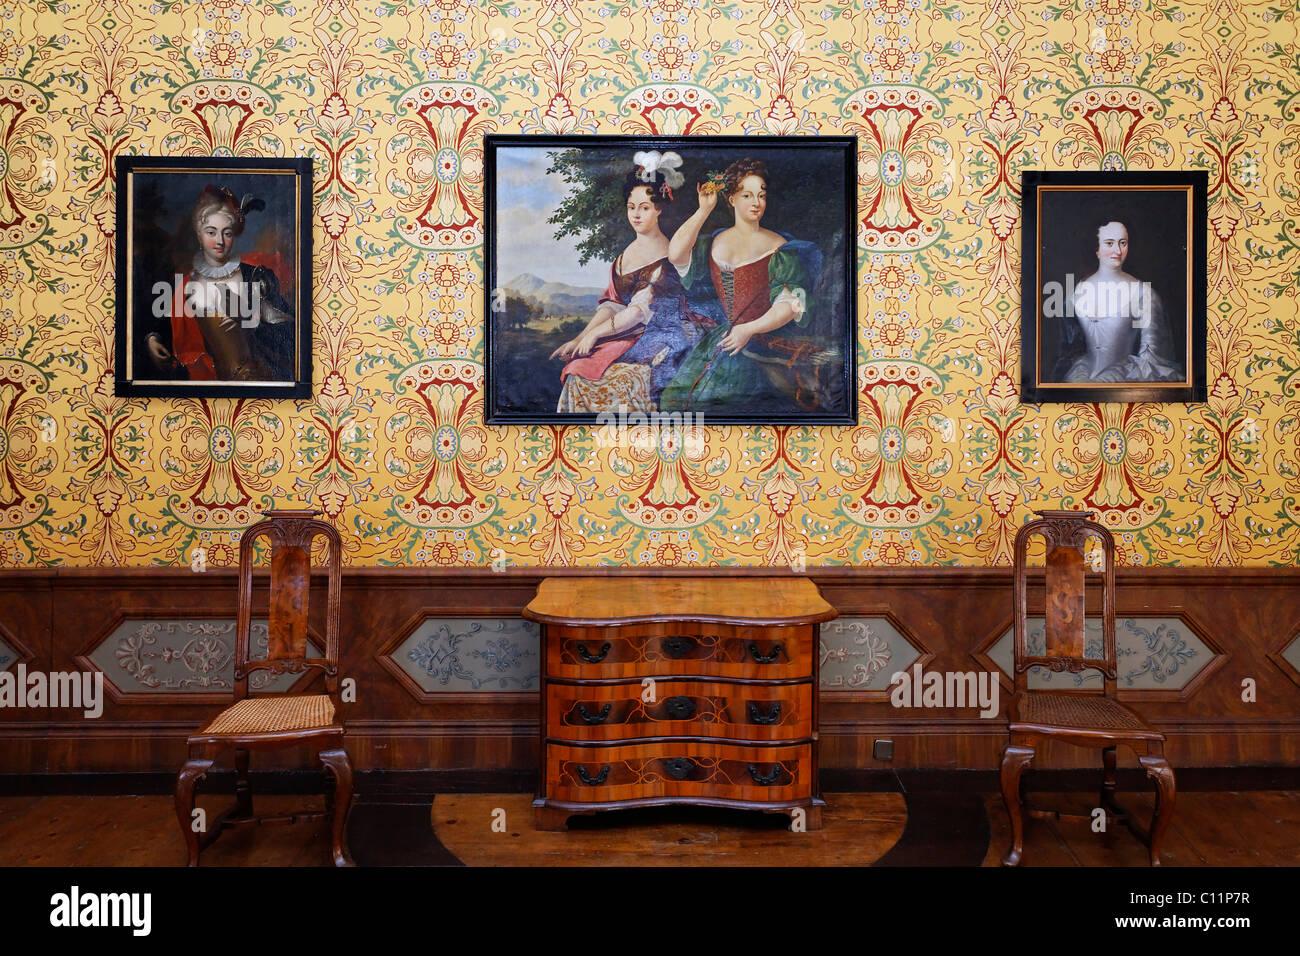 Sala barocca con gli storici dipinti e mobili d'epoca, il museo del castello, Quedlinburg, Harz, Sassonia-Anhalt, Immagini Stock